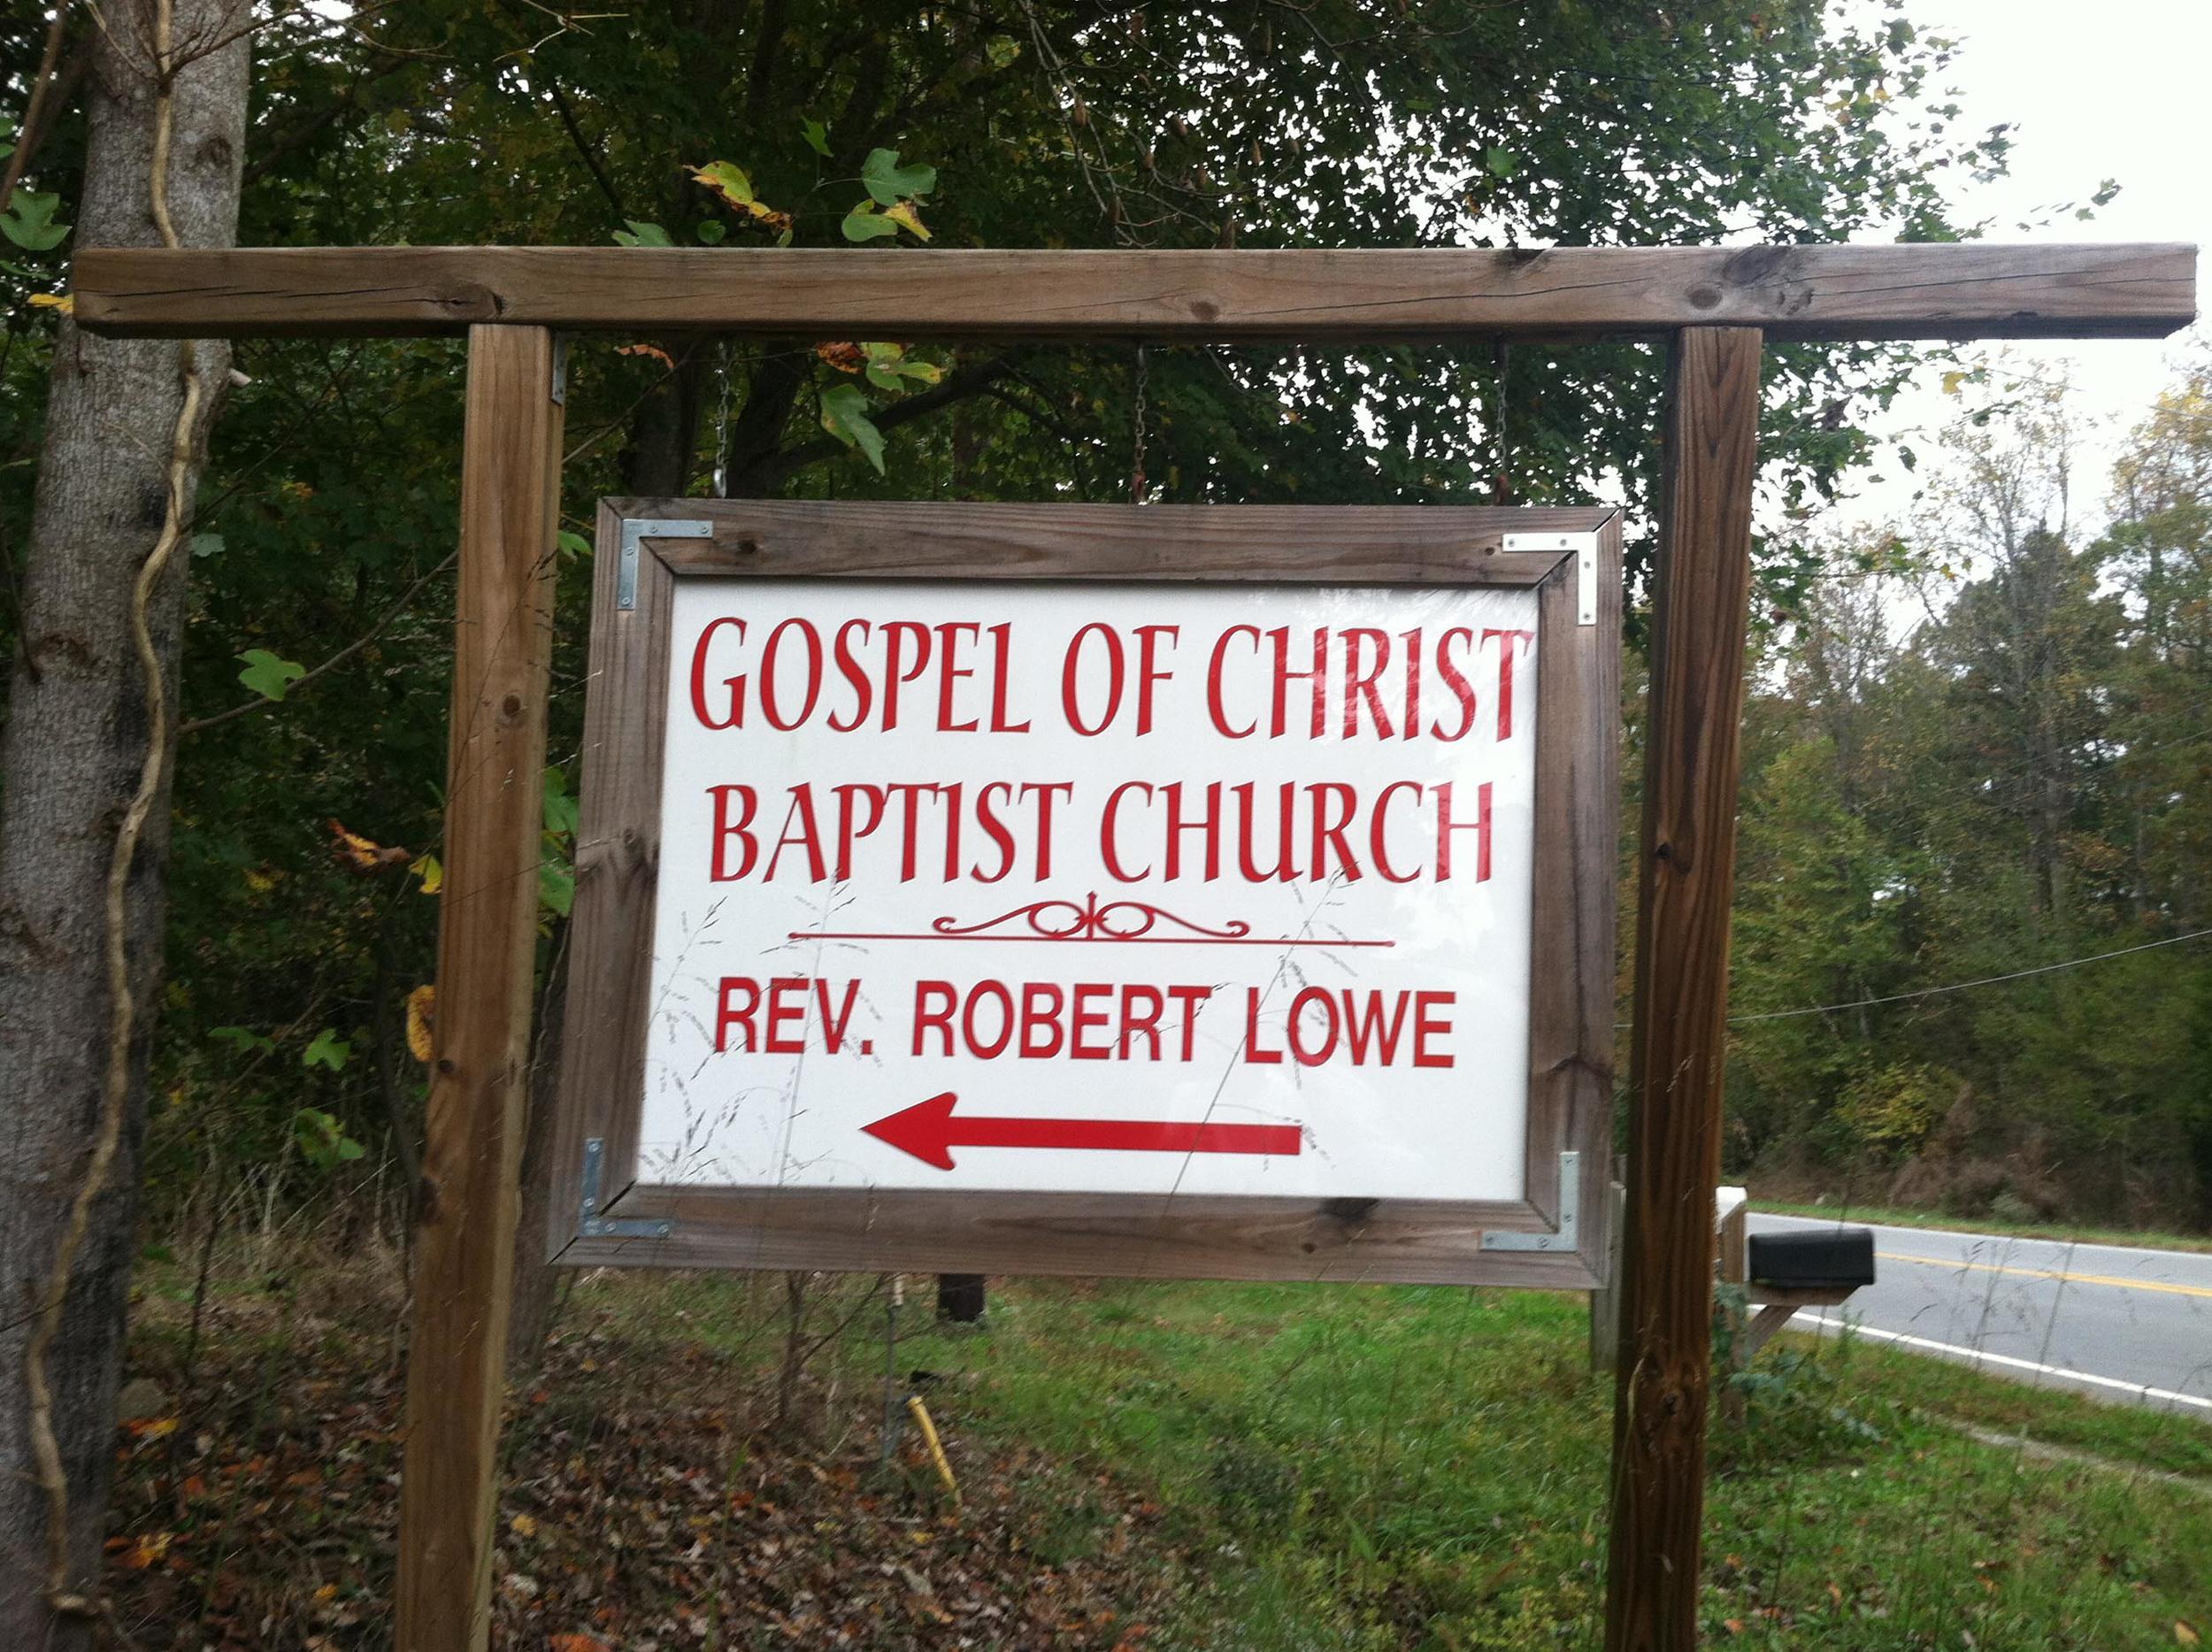 gospel of christ4.jpg